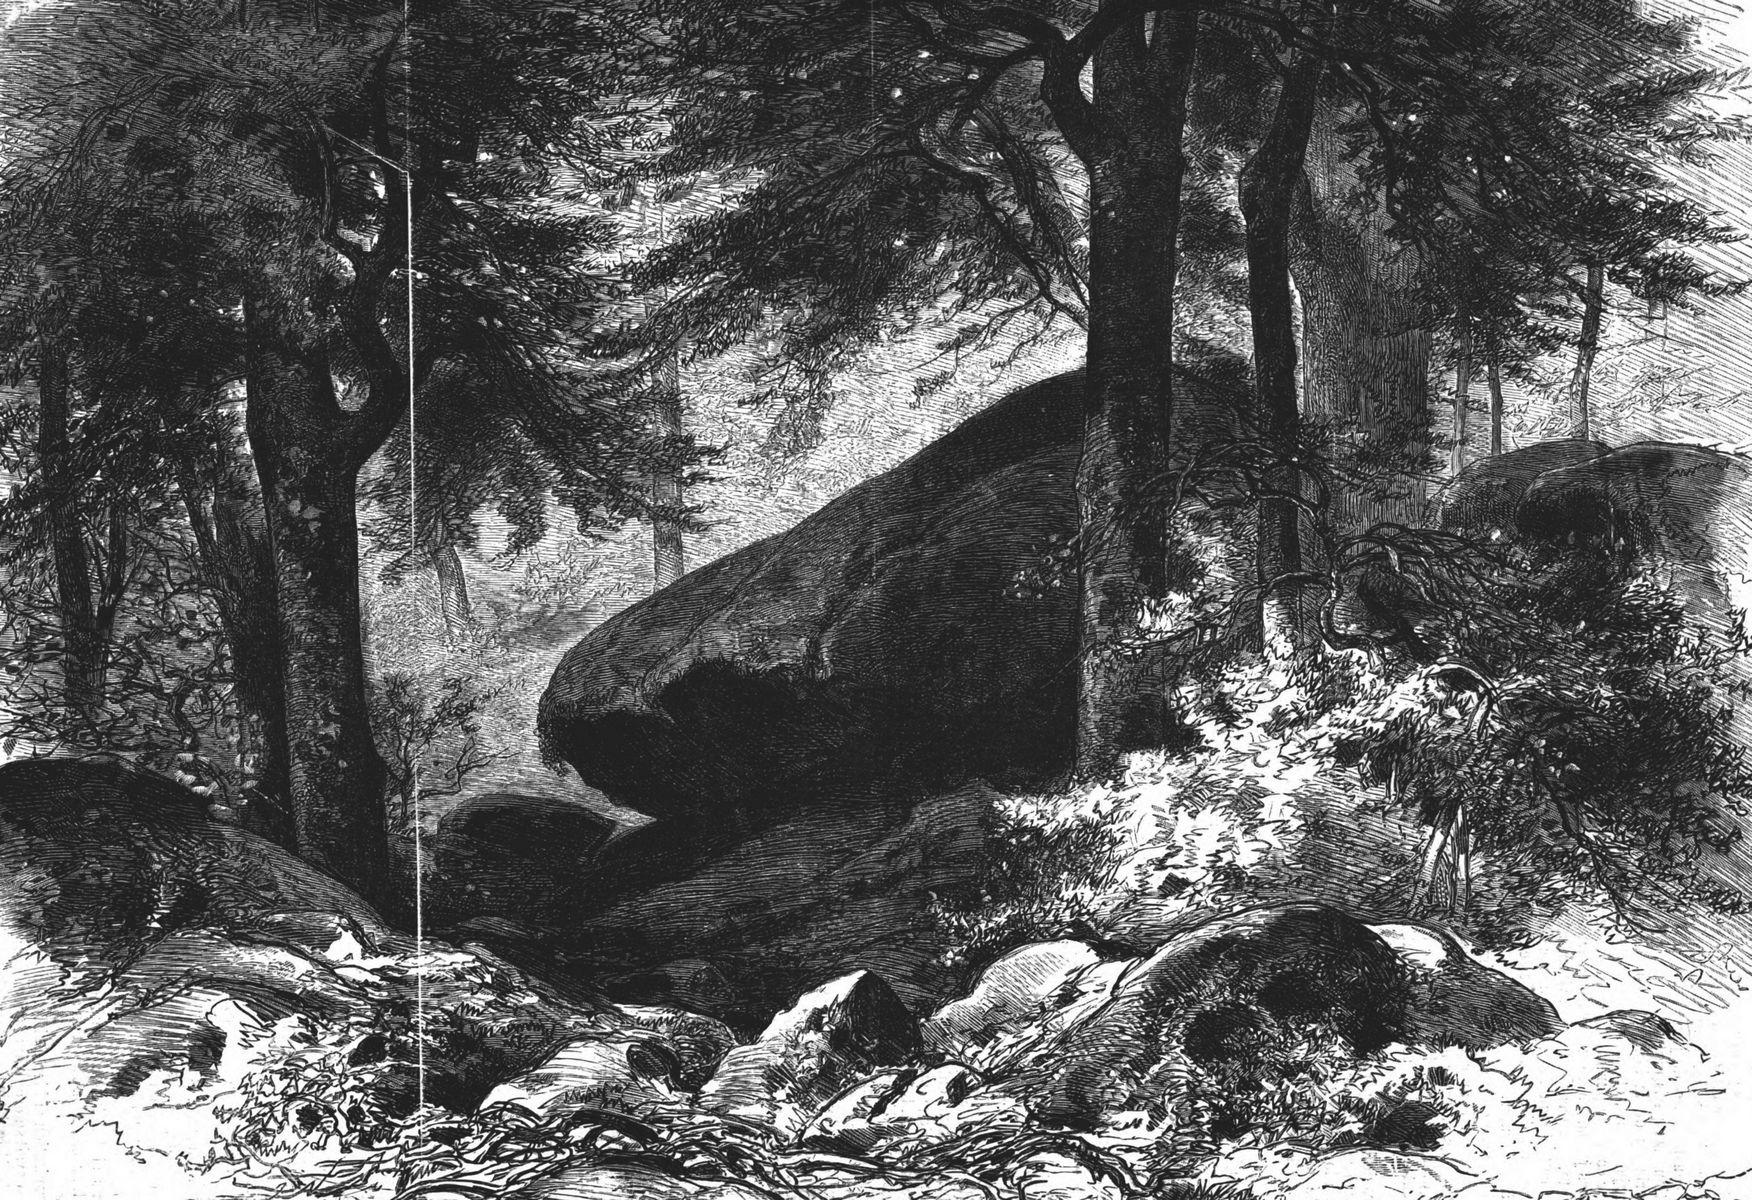 Un coin de forêt, étude d'après nature par M. Sauvageot. Gravure 1874